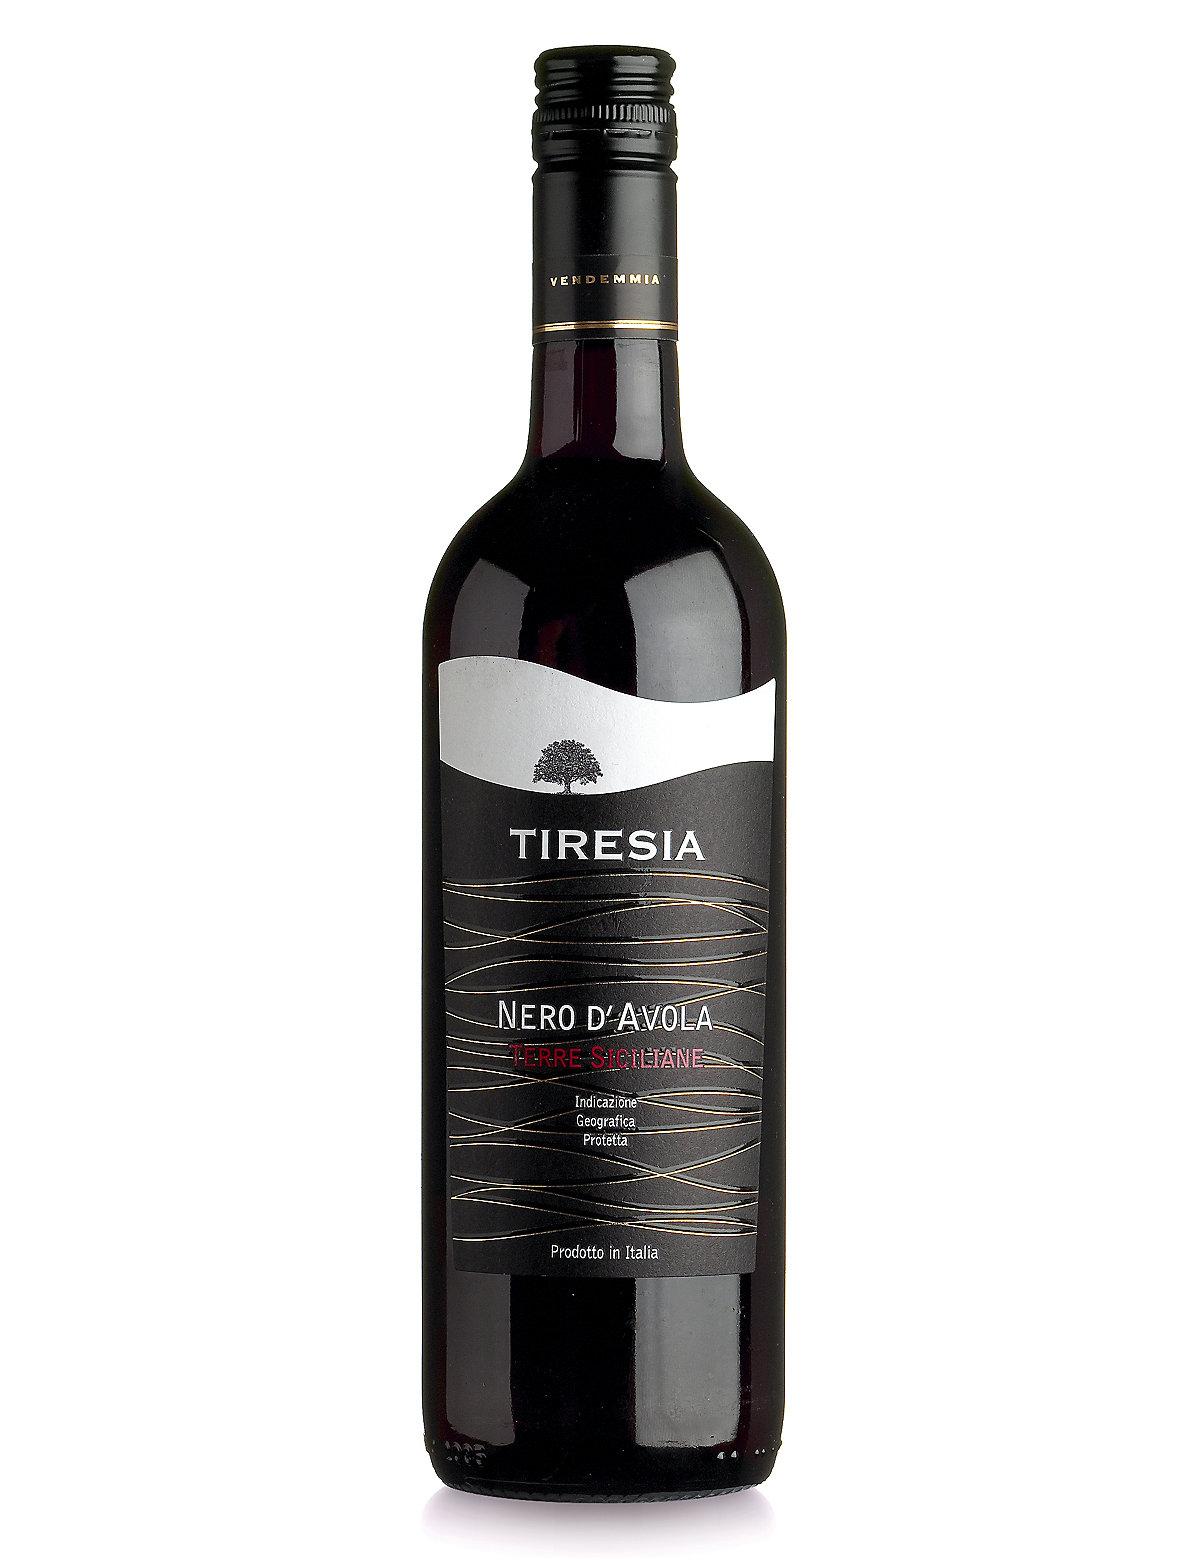 Tiresia Nero Davola Terre Siciliane  Case of 6